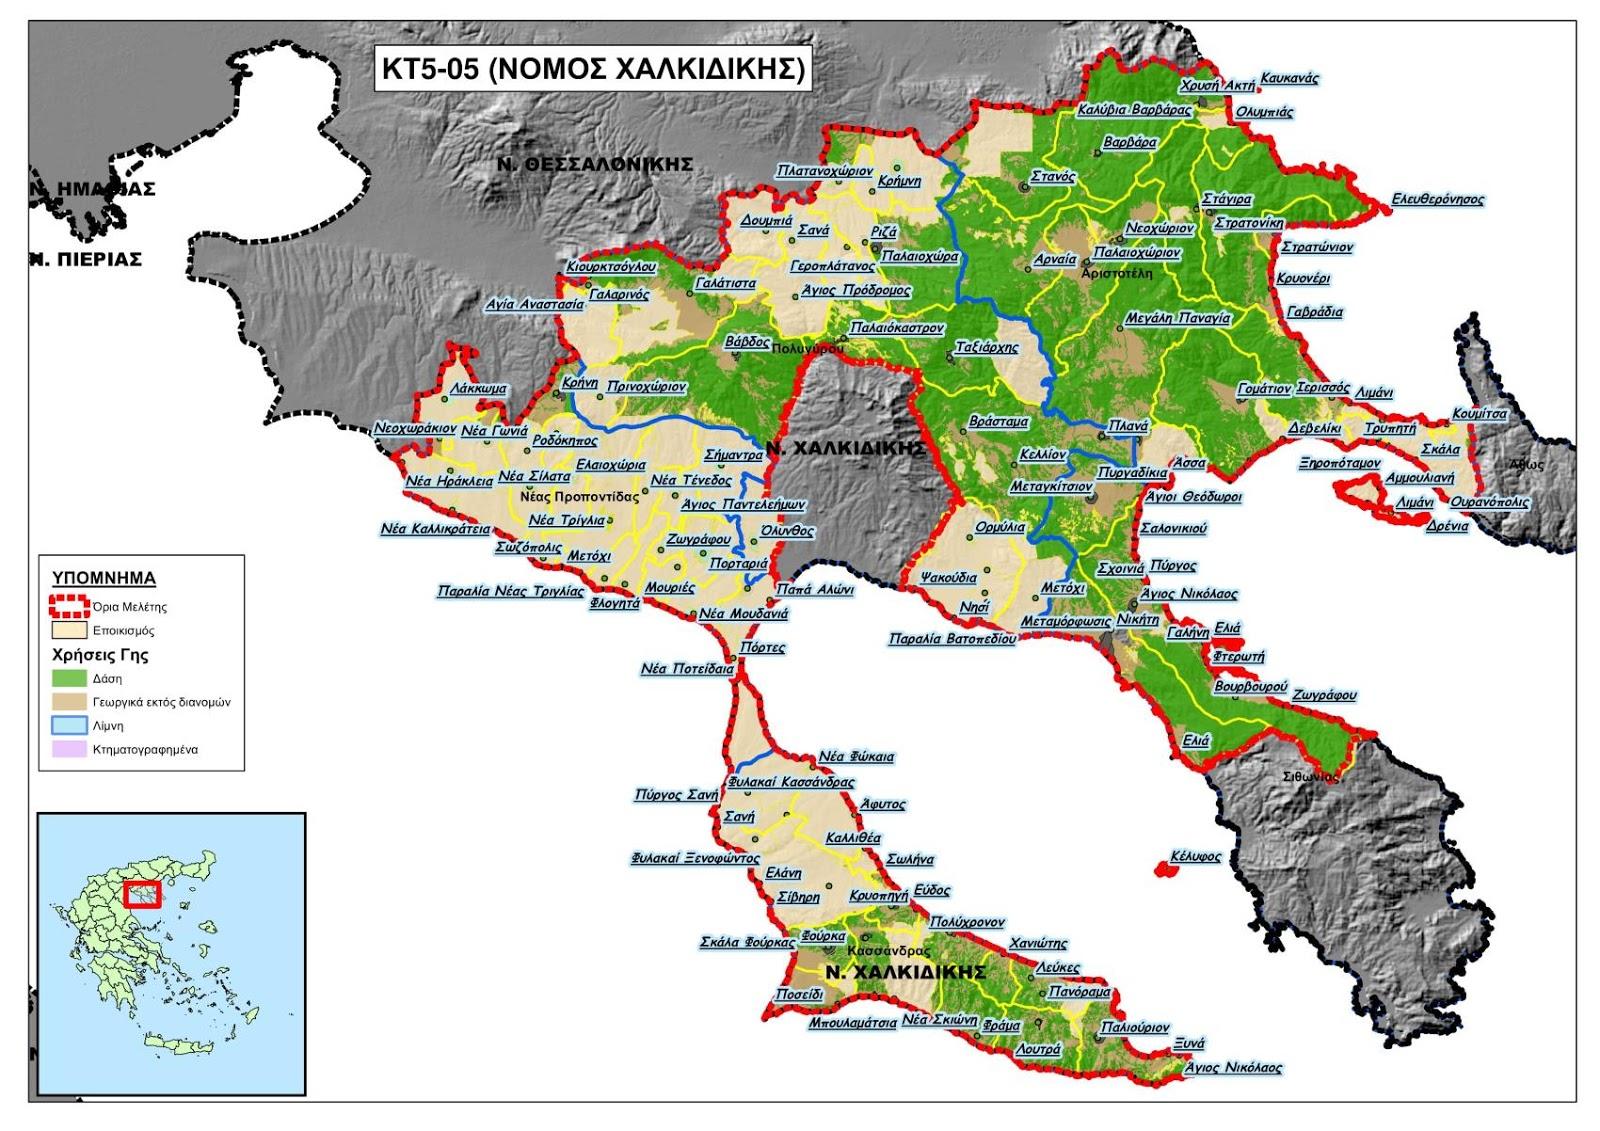 Ξεκινά σήμερα η κτηματογράφηση στην Περιφερειακή Ενότητα Χαλκιδικής